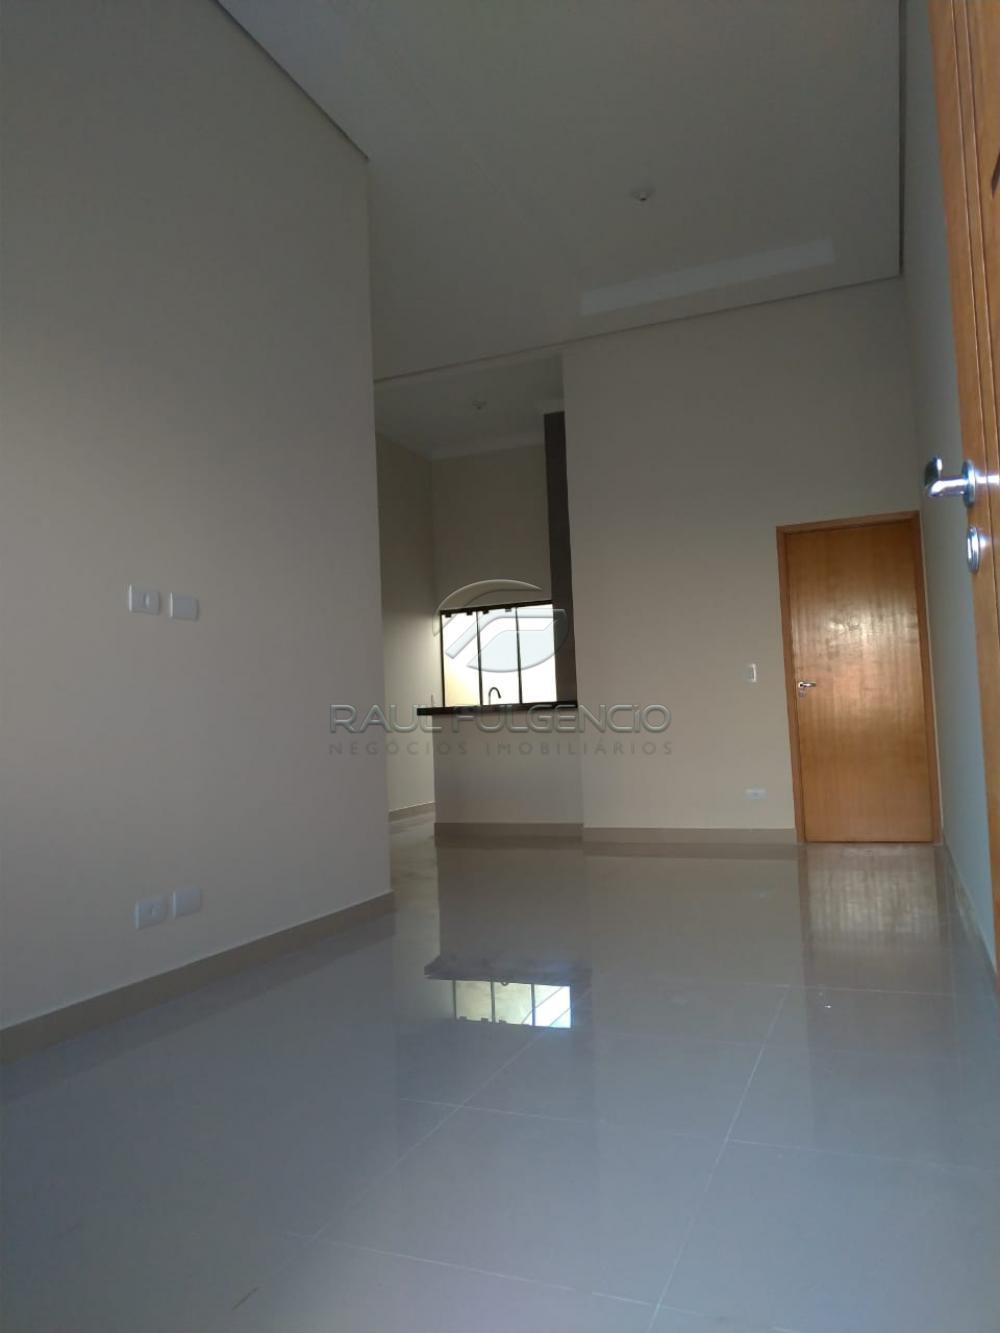 Comprar Casa / Térrea em Londrina apenas R$ 275.000,00 - Foto 5